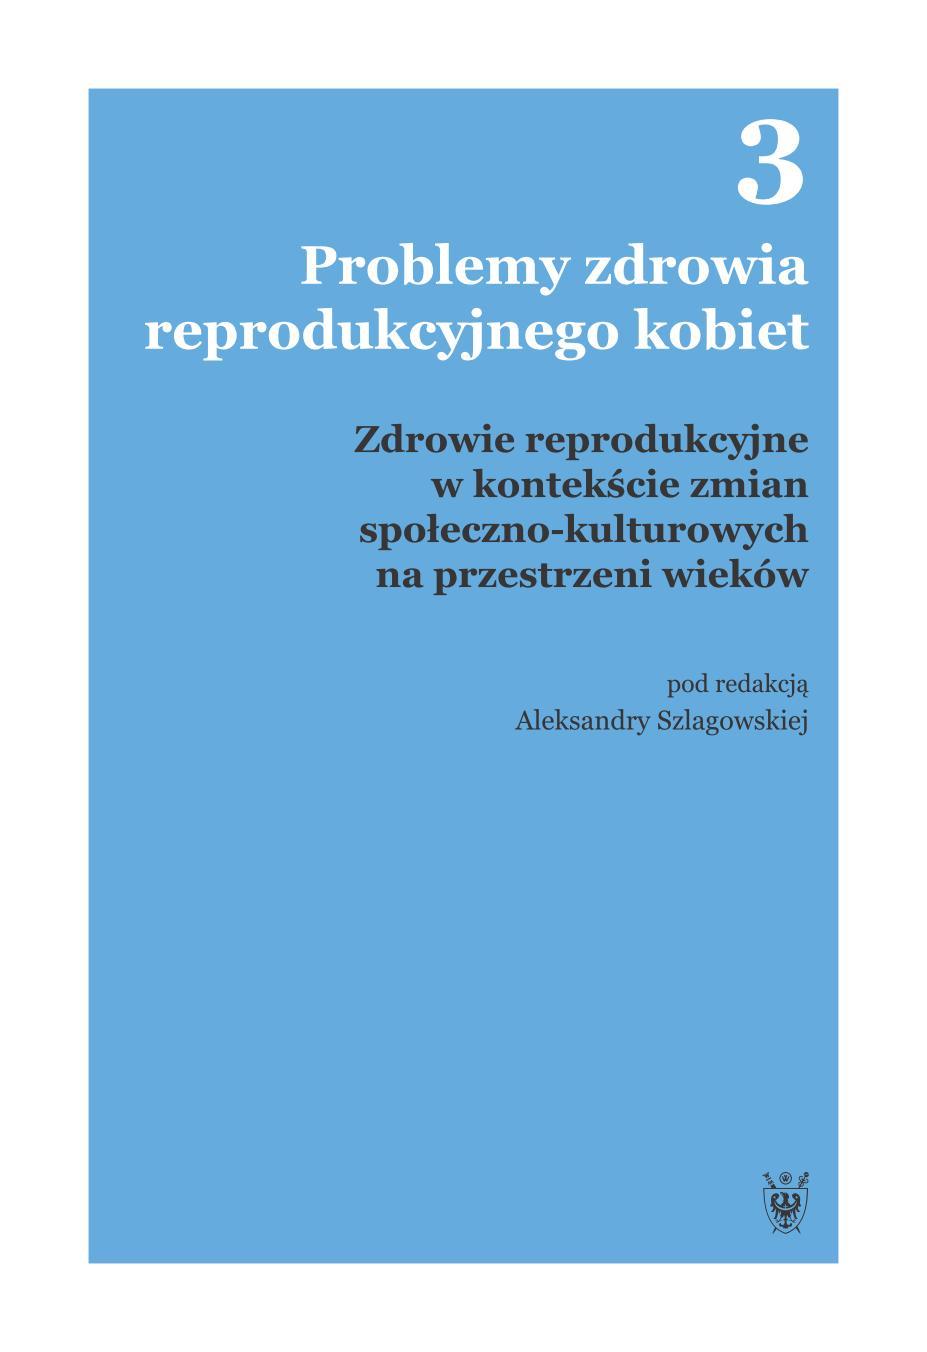 Problemy zdrowia reprodukcyjnego kobiet. Tom 3. Zdrowie reprodukcyjne w kontekście zmian społeczno-kulturowych na przestrzeni wieków